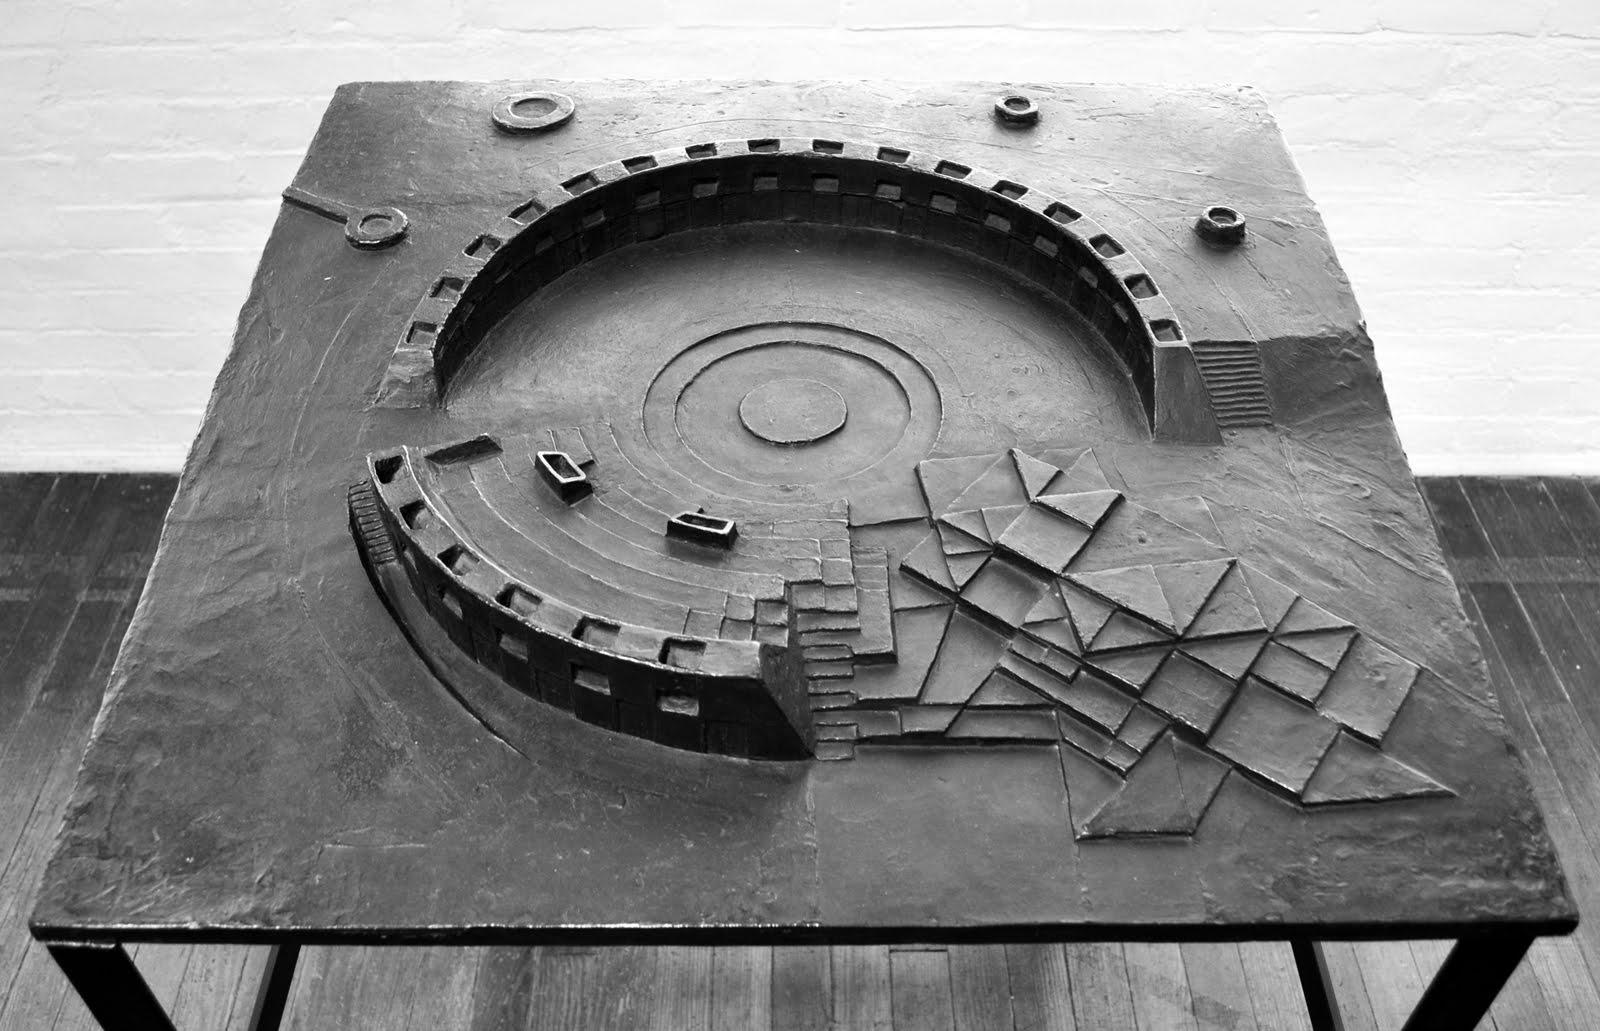 Penccil Isamu Noguchi Designer For The World